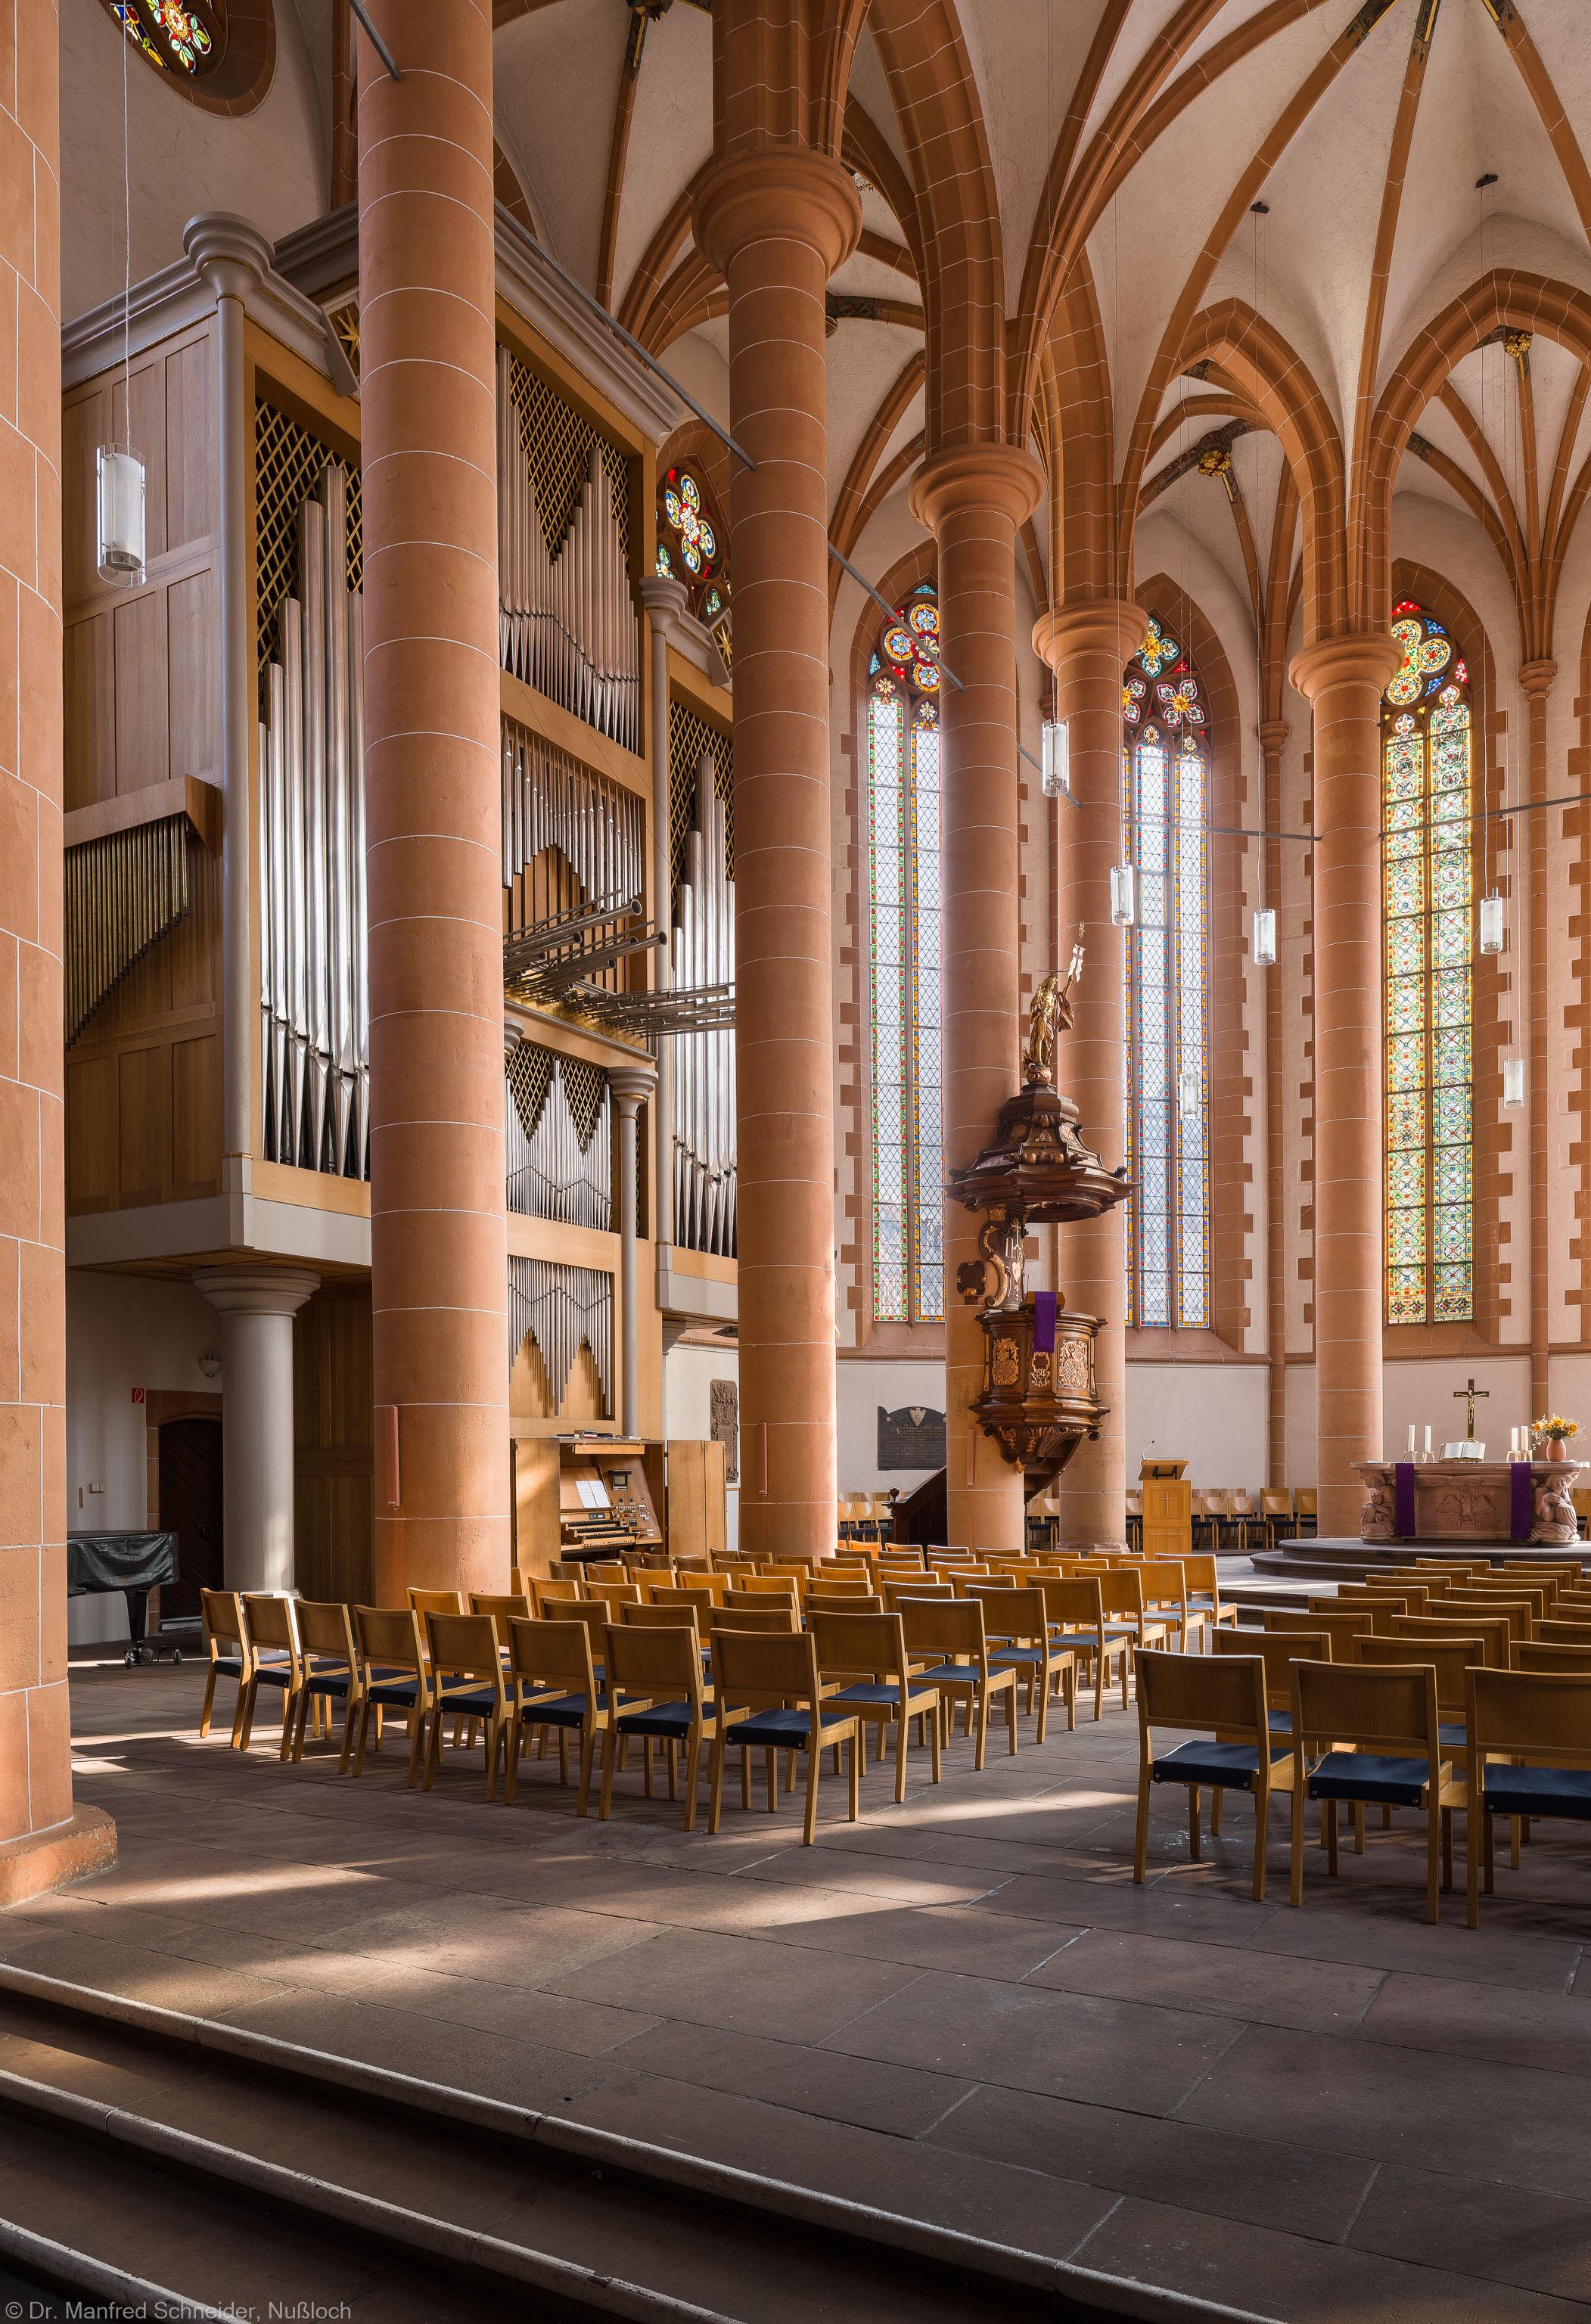 Heidelberg - Heiliggeistkirche - Chor - Blick in den Chor nach Nordosten mit Säulen, Orgel, Kanzel und Altar (aufgenommen im März 2013, am Vormittag)